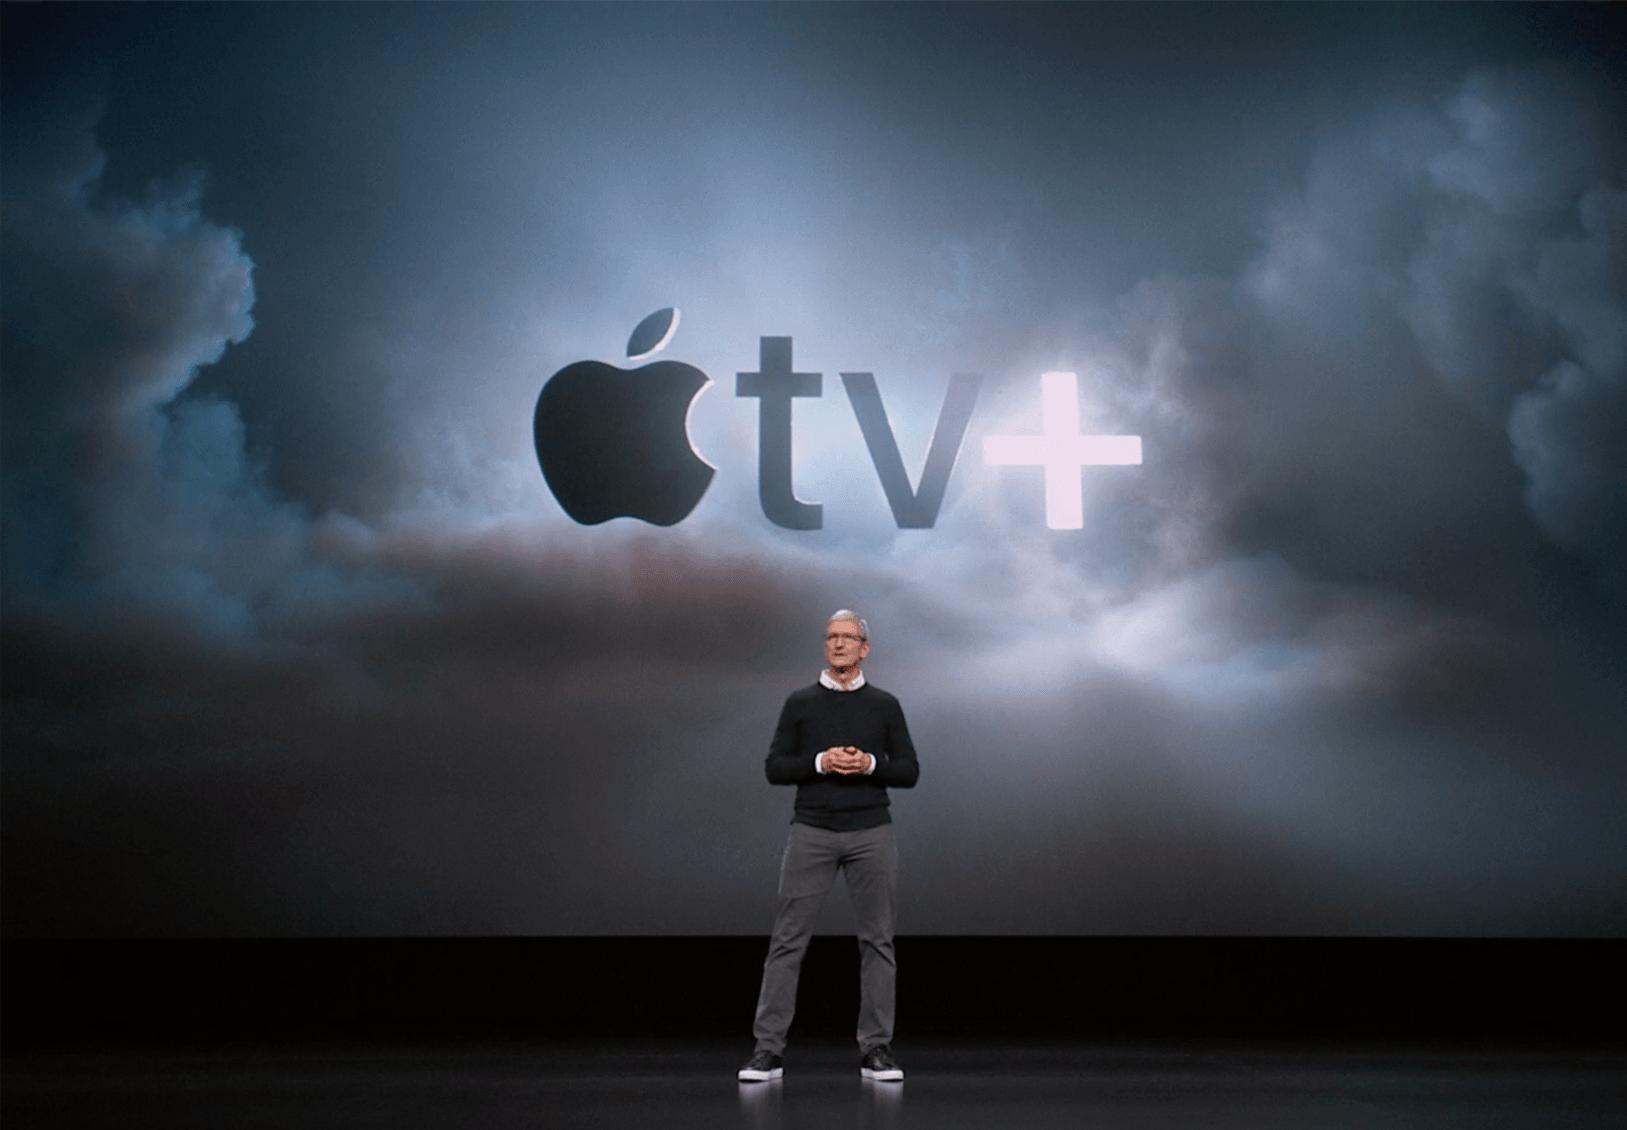 Nowe sposoby Apple na zarobek - abonament Arcade dla graczy i unikalne produkcje w Apple TV+ 21